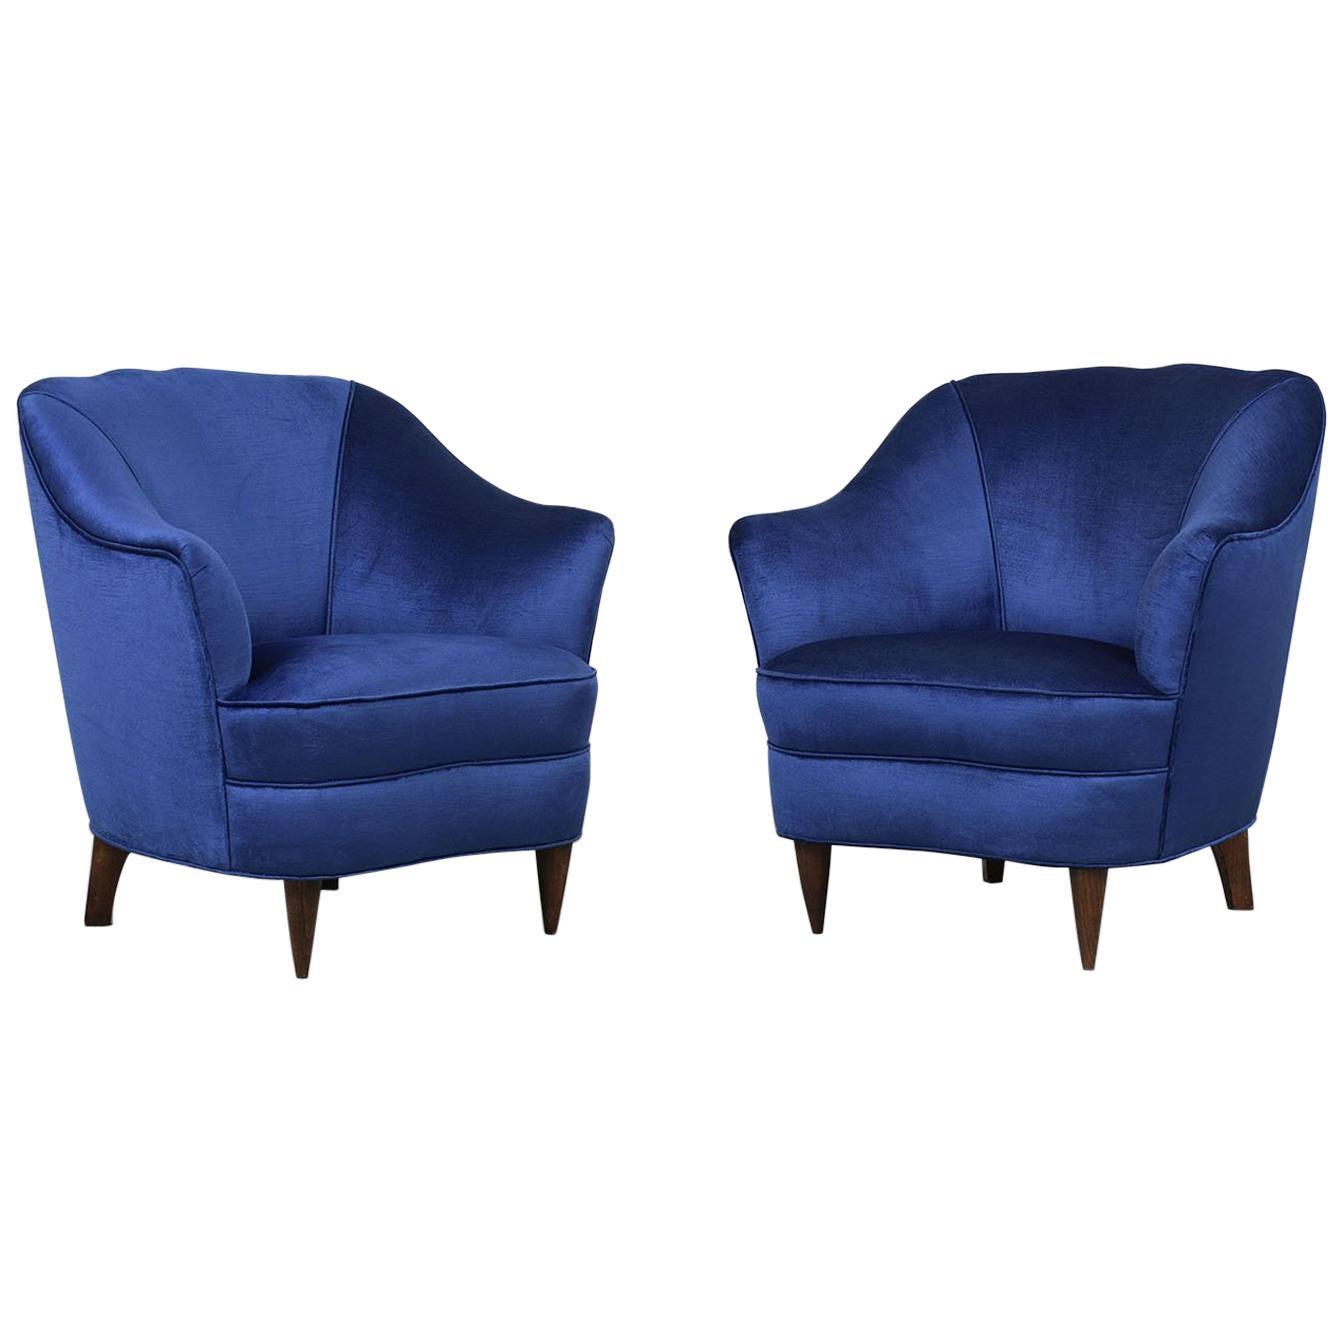 Pair of Armchairs by Gio Ponti for Casa e Giardino